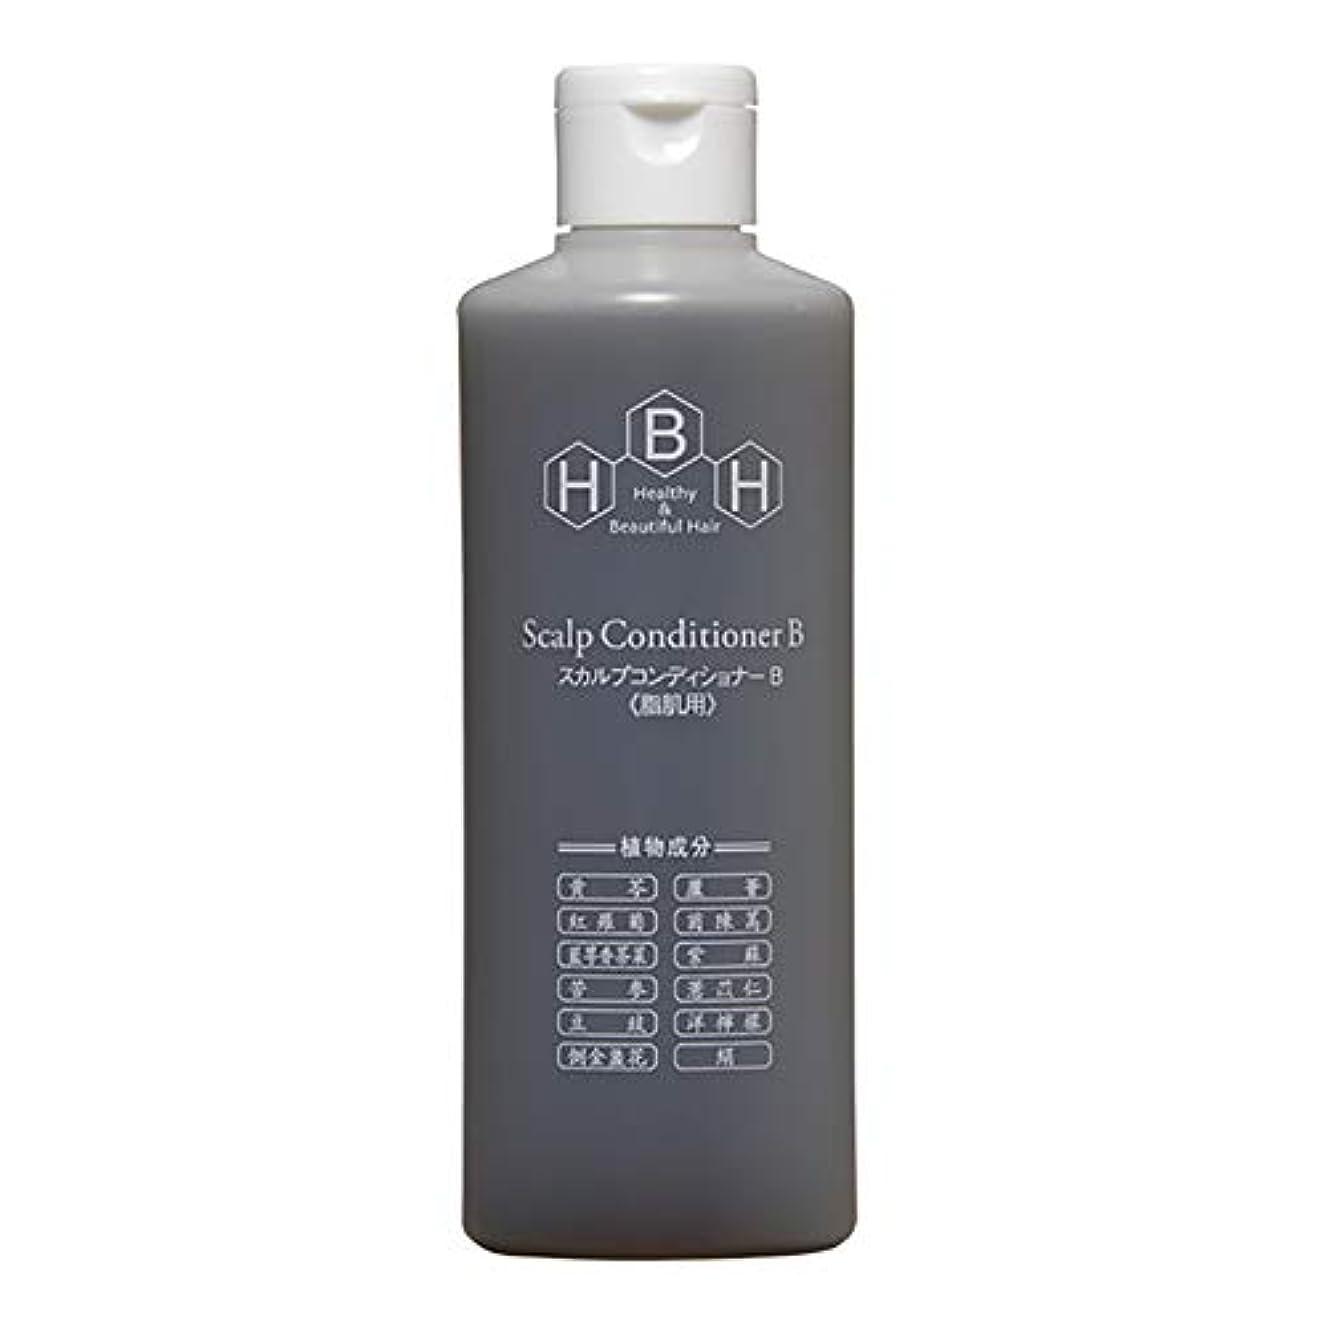 合意ムスバブルリーブ21 スカルプコンディショナーB 脂性肌用 300ml 育毛 コンディショナー 皮脂